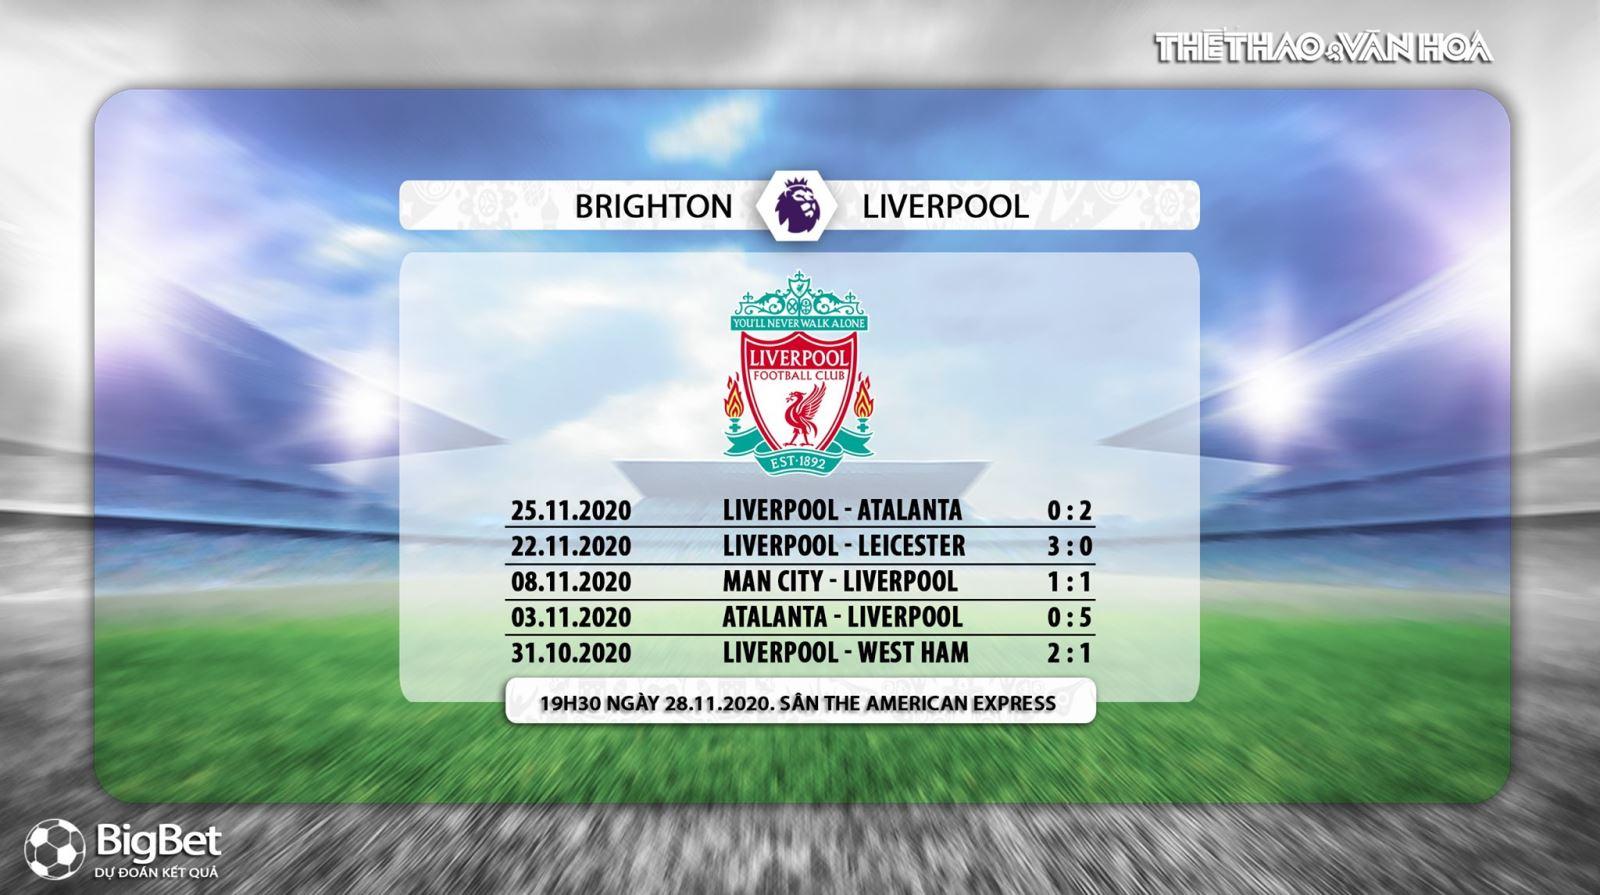 Keo nha cai, kèo nhà cái, Brighton vs Liverpool, truc tiep bong da, ngoai hang Anh vòng 10, kèo bóng đá, trực tiếp Brighton đấu với Liverpool, trực tiếp bóng đá Anh